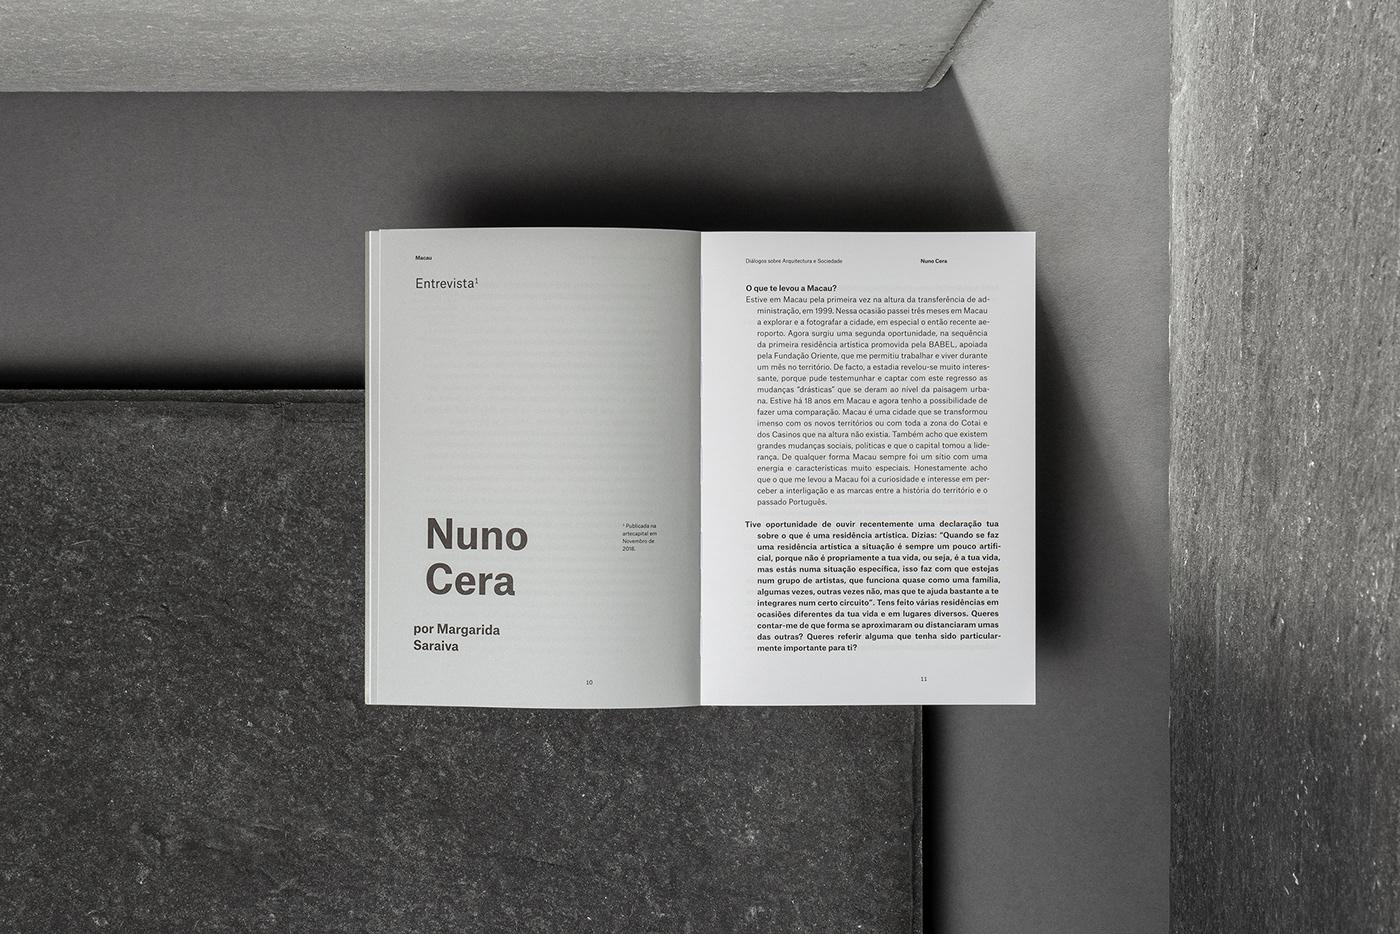 Image may contain: book, wall and screenshot